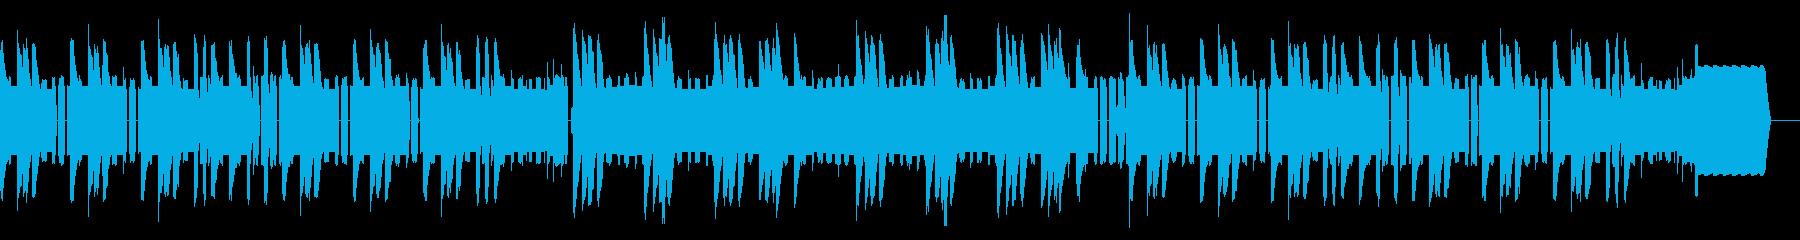 明るいファミコン初期のタイトル画面の再生済みの波形